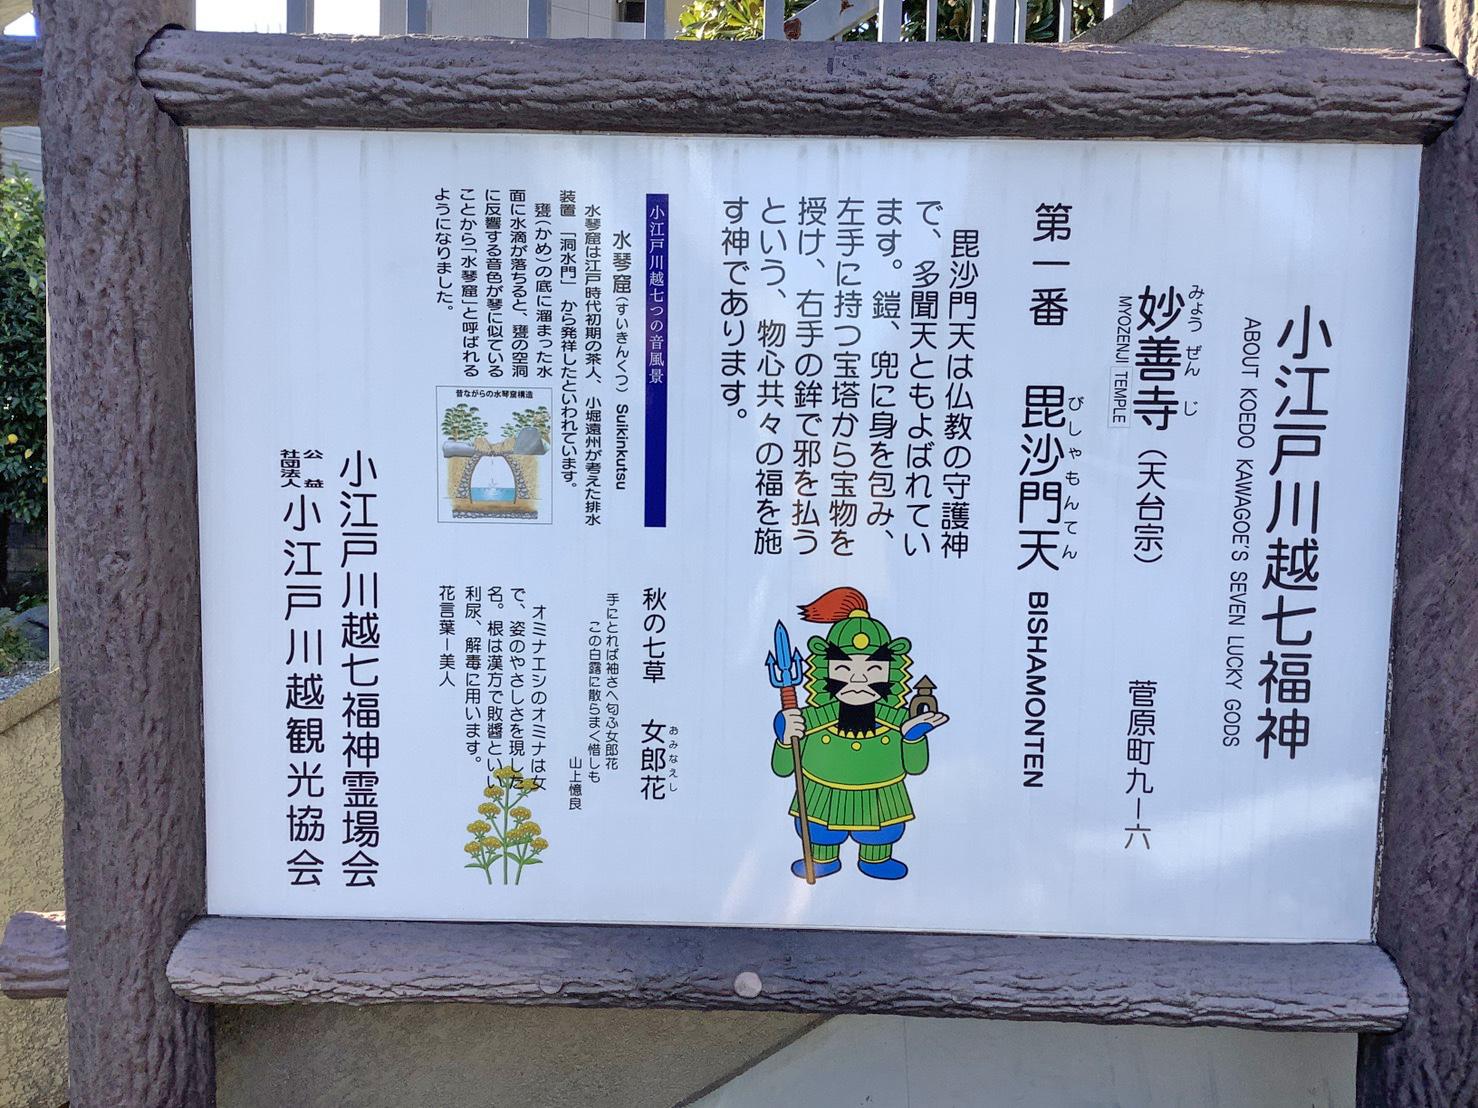 妙善時(Myozenji temple)